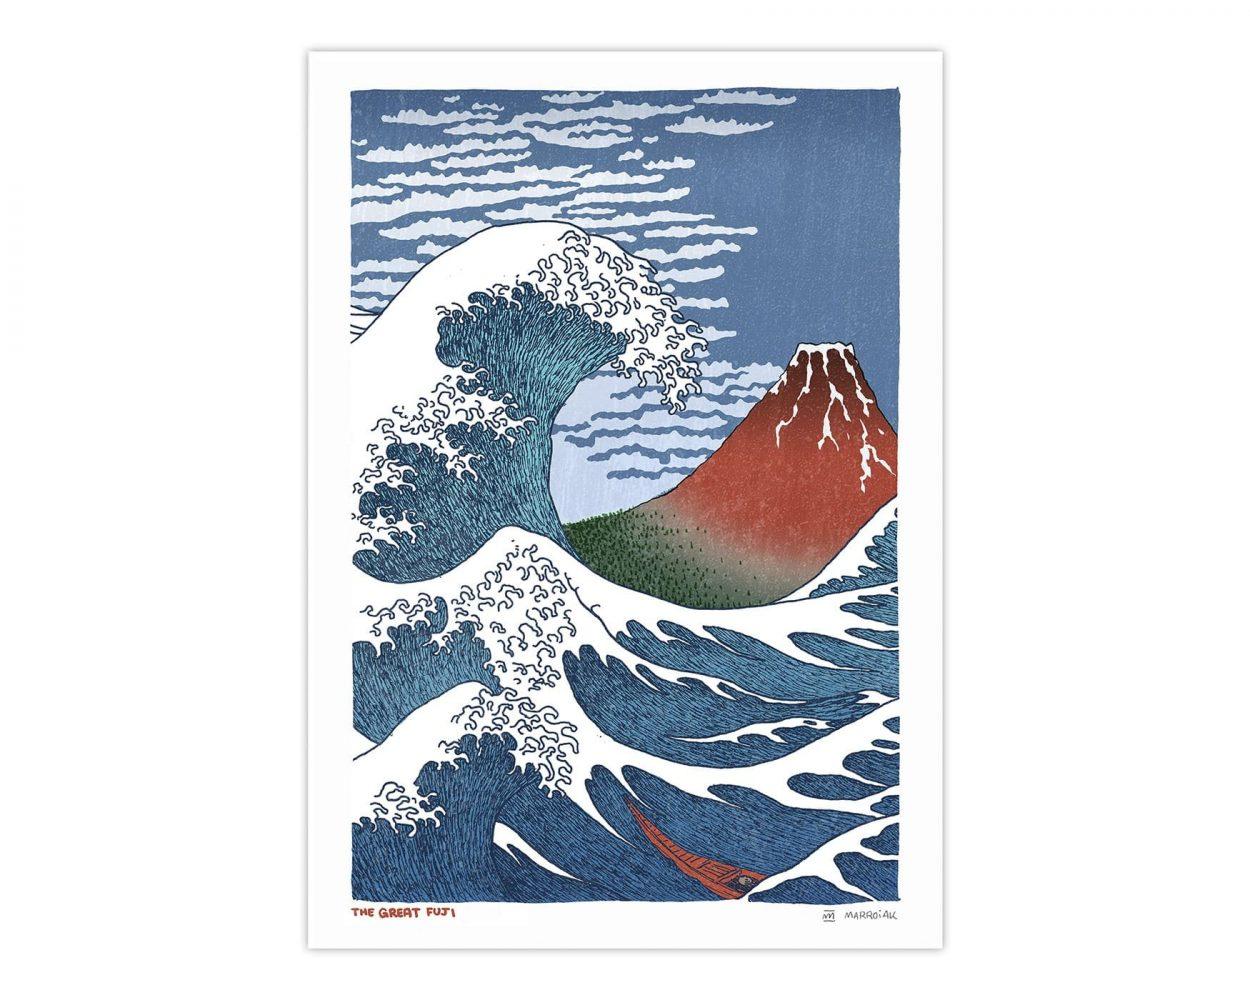 Cuadro decorativo con la estampa japonesa la gran ola y el fuji rojo. Ukiyo-e cultura japonesa estilo comic y manga.